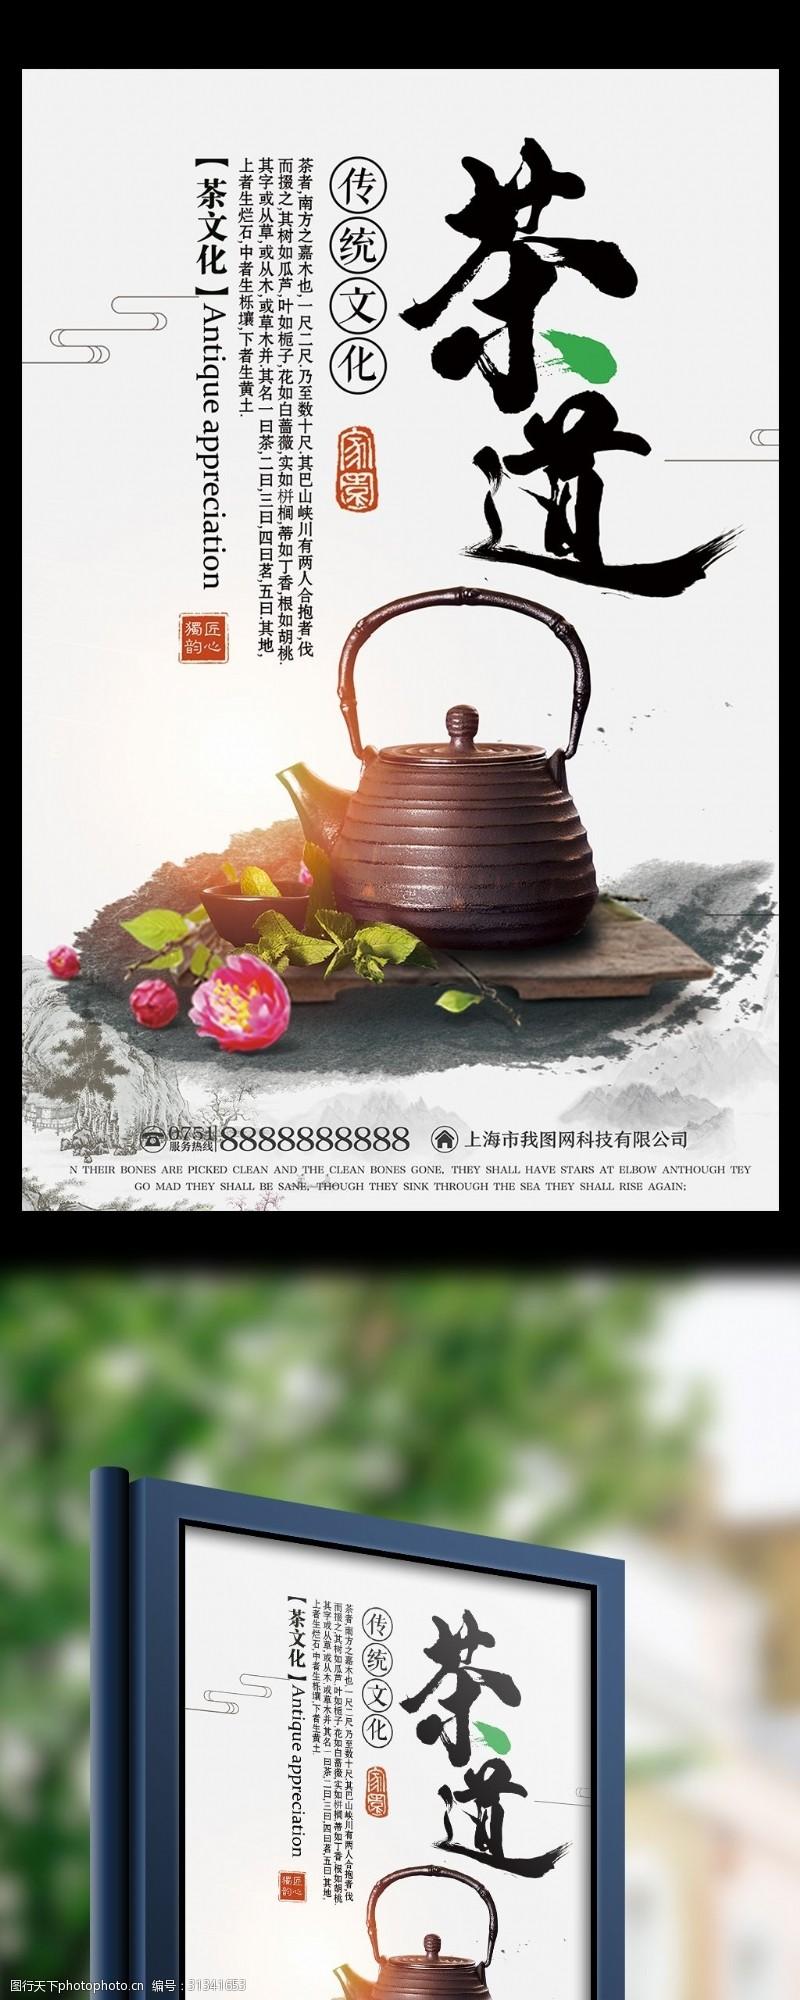 古典茶道中国风茶文化茶道海报设计